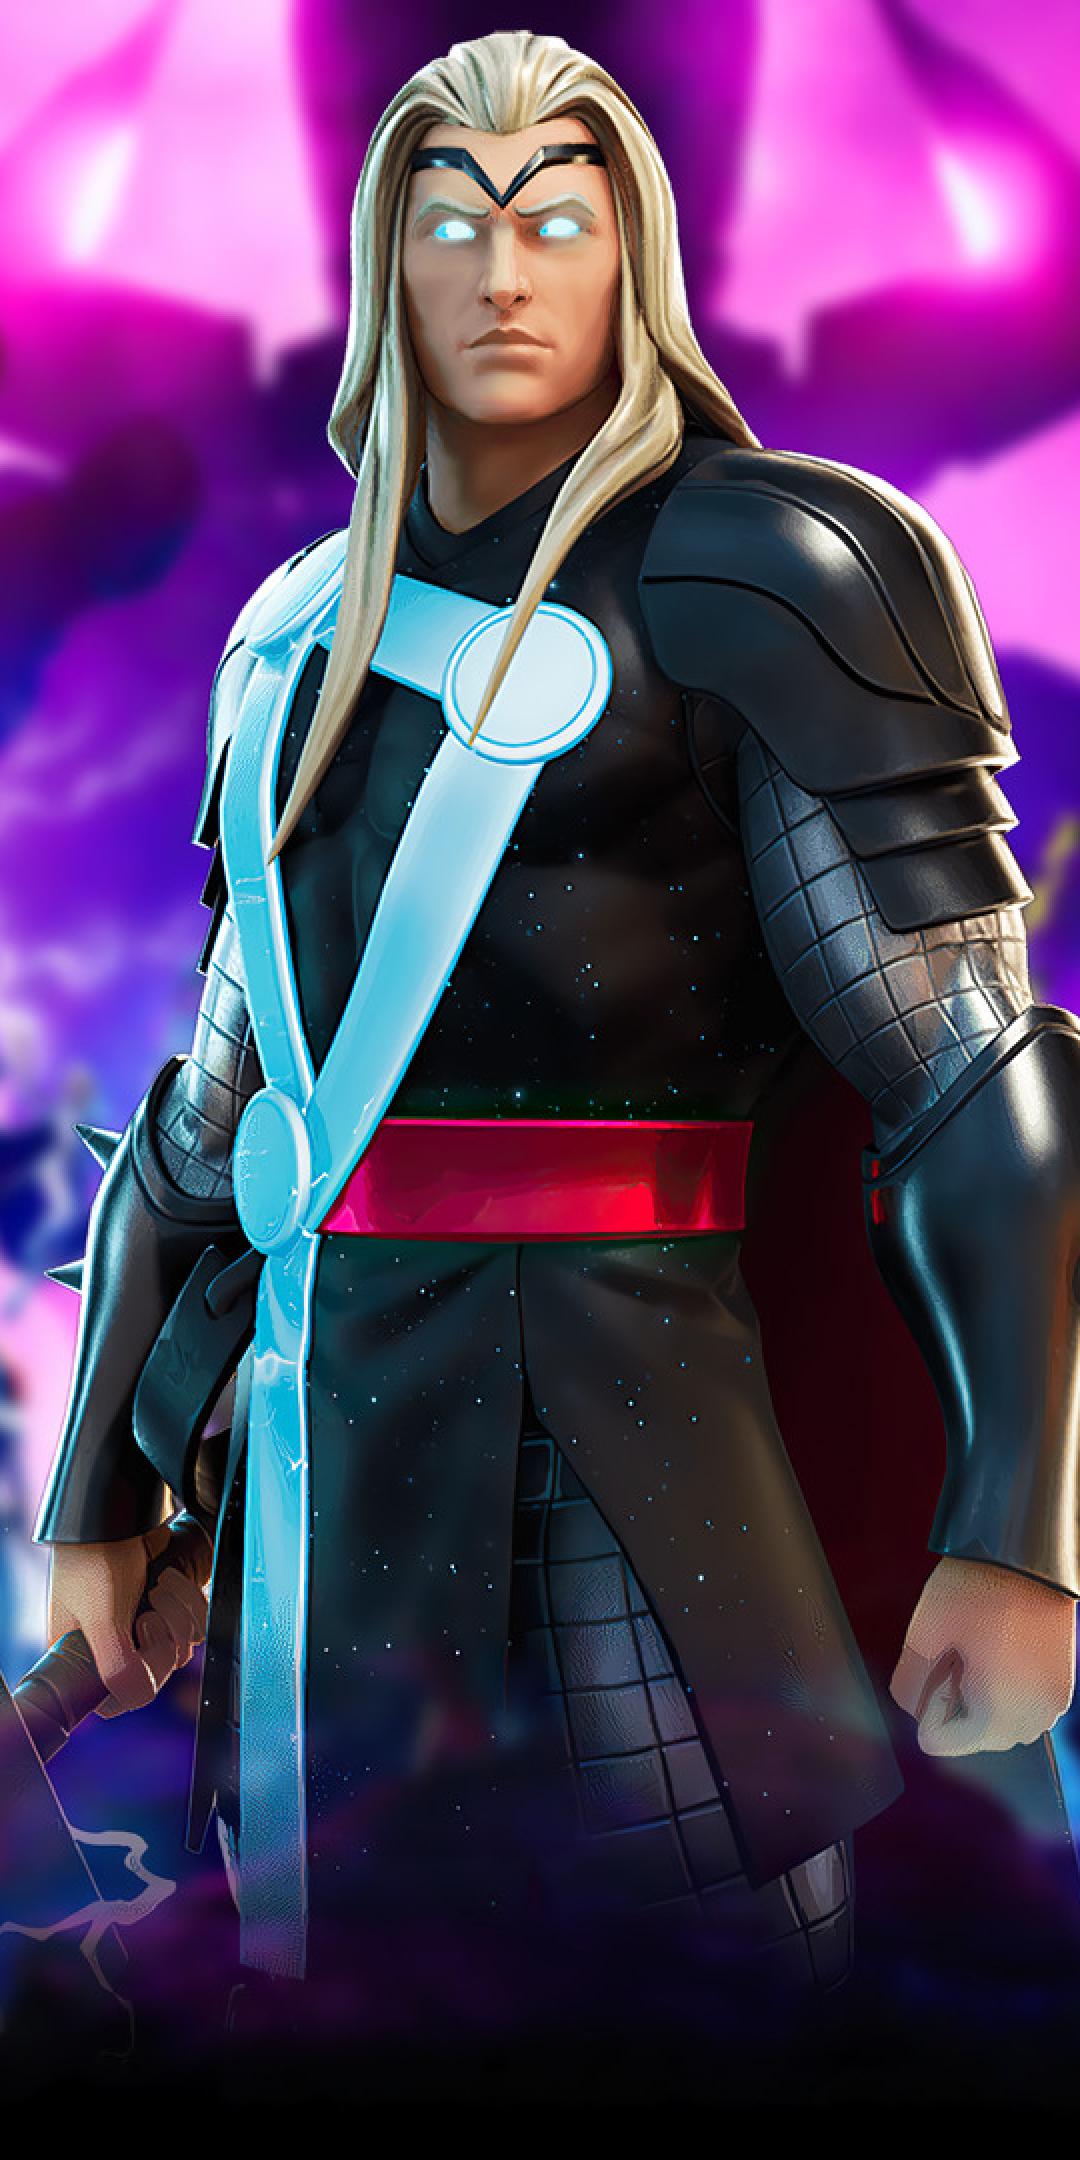 Marvel Thor Fortnite Wallpaper in 1080x2160 Resolution